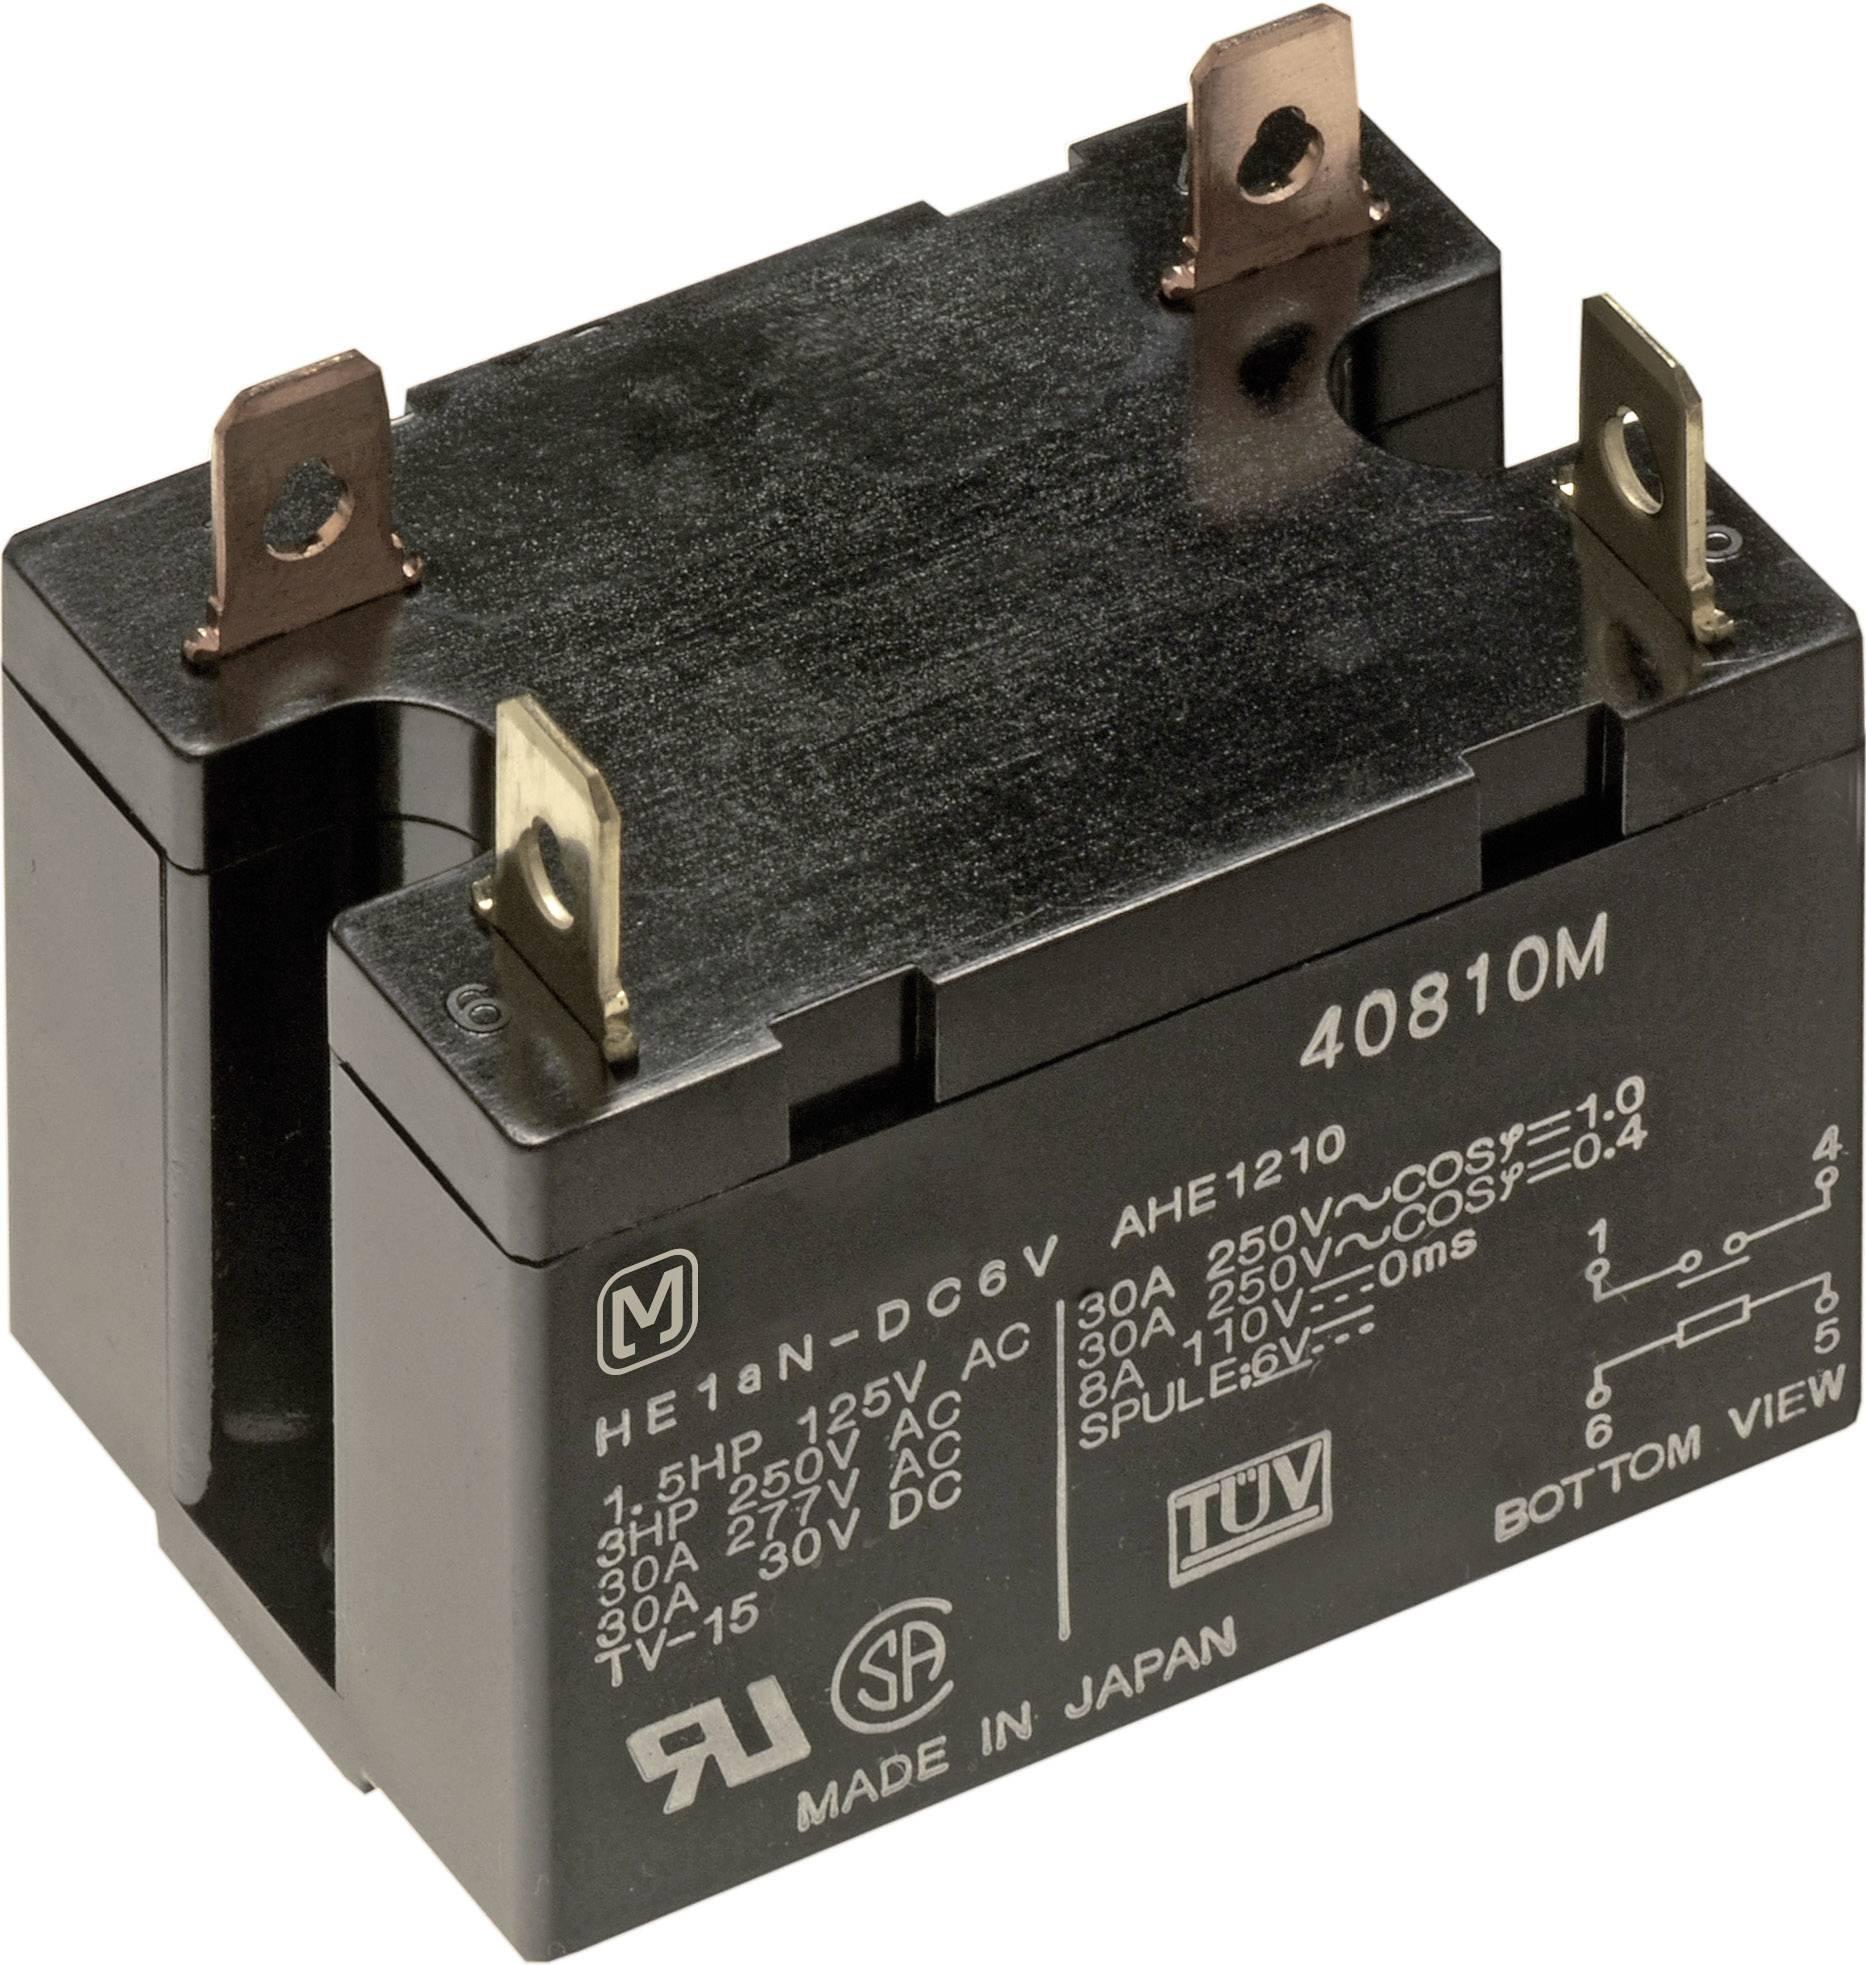 Výkonové relé HE 30 A, ploché zásuvkové připojení Panasonic HE2AN24, HE2AN24, 1920 mW, 30 A